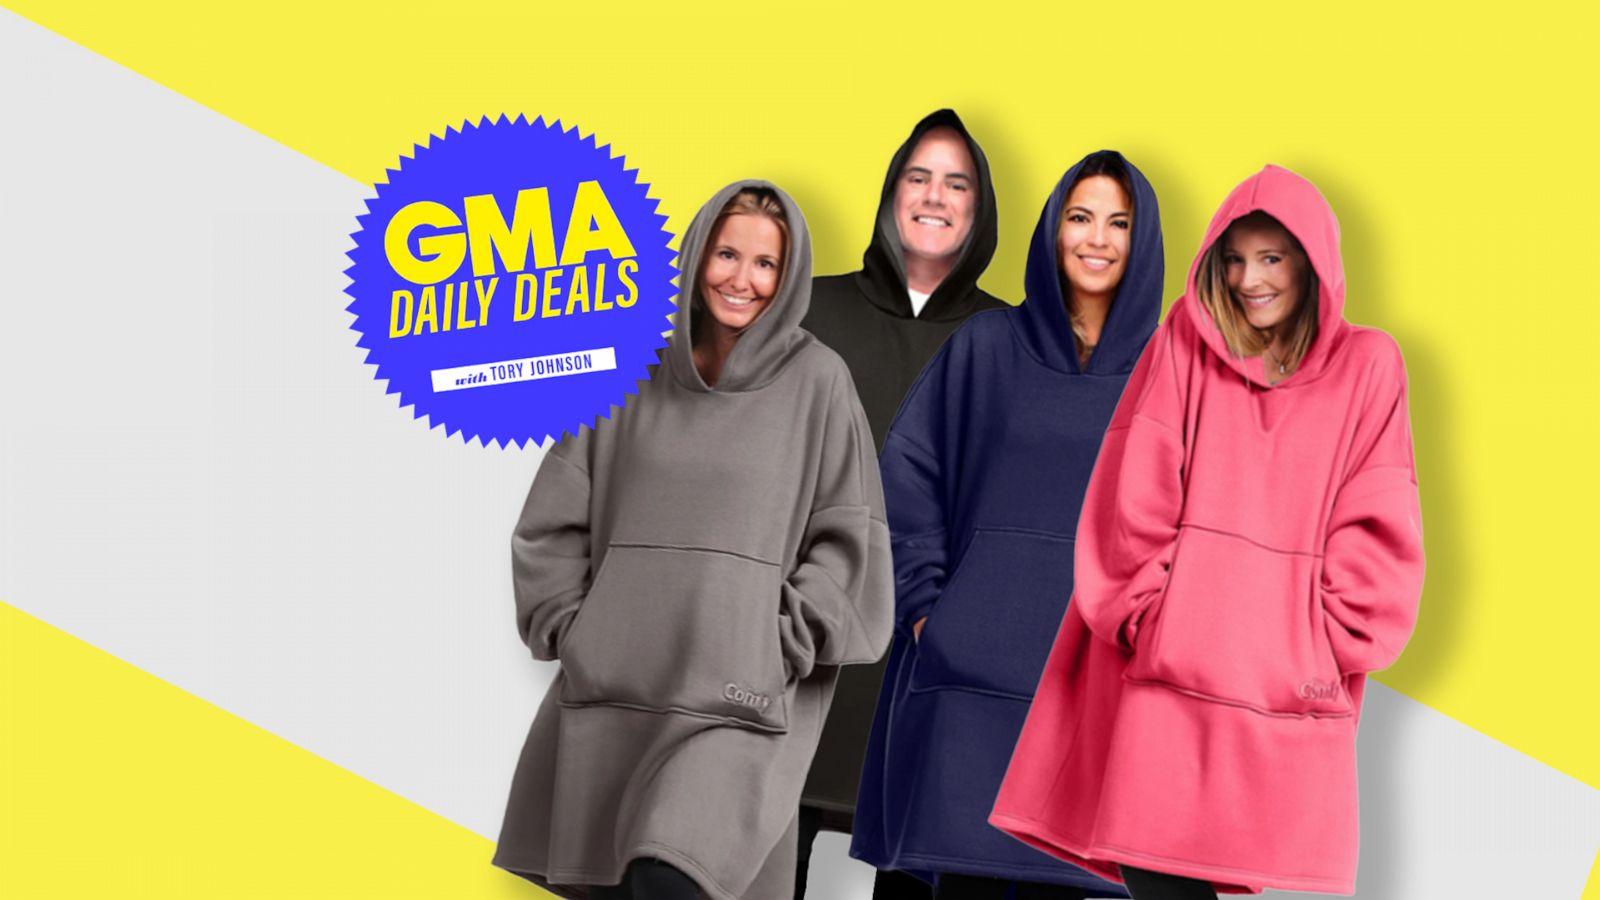 gma steals and deals keurig